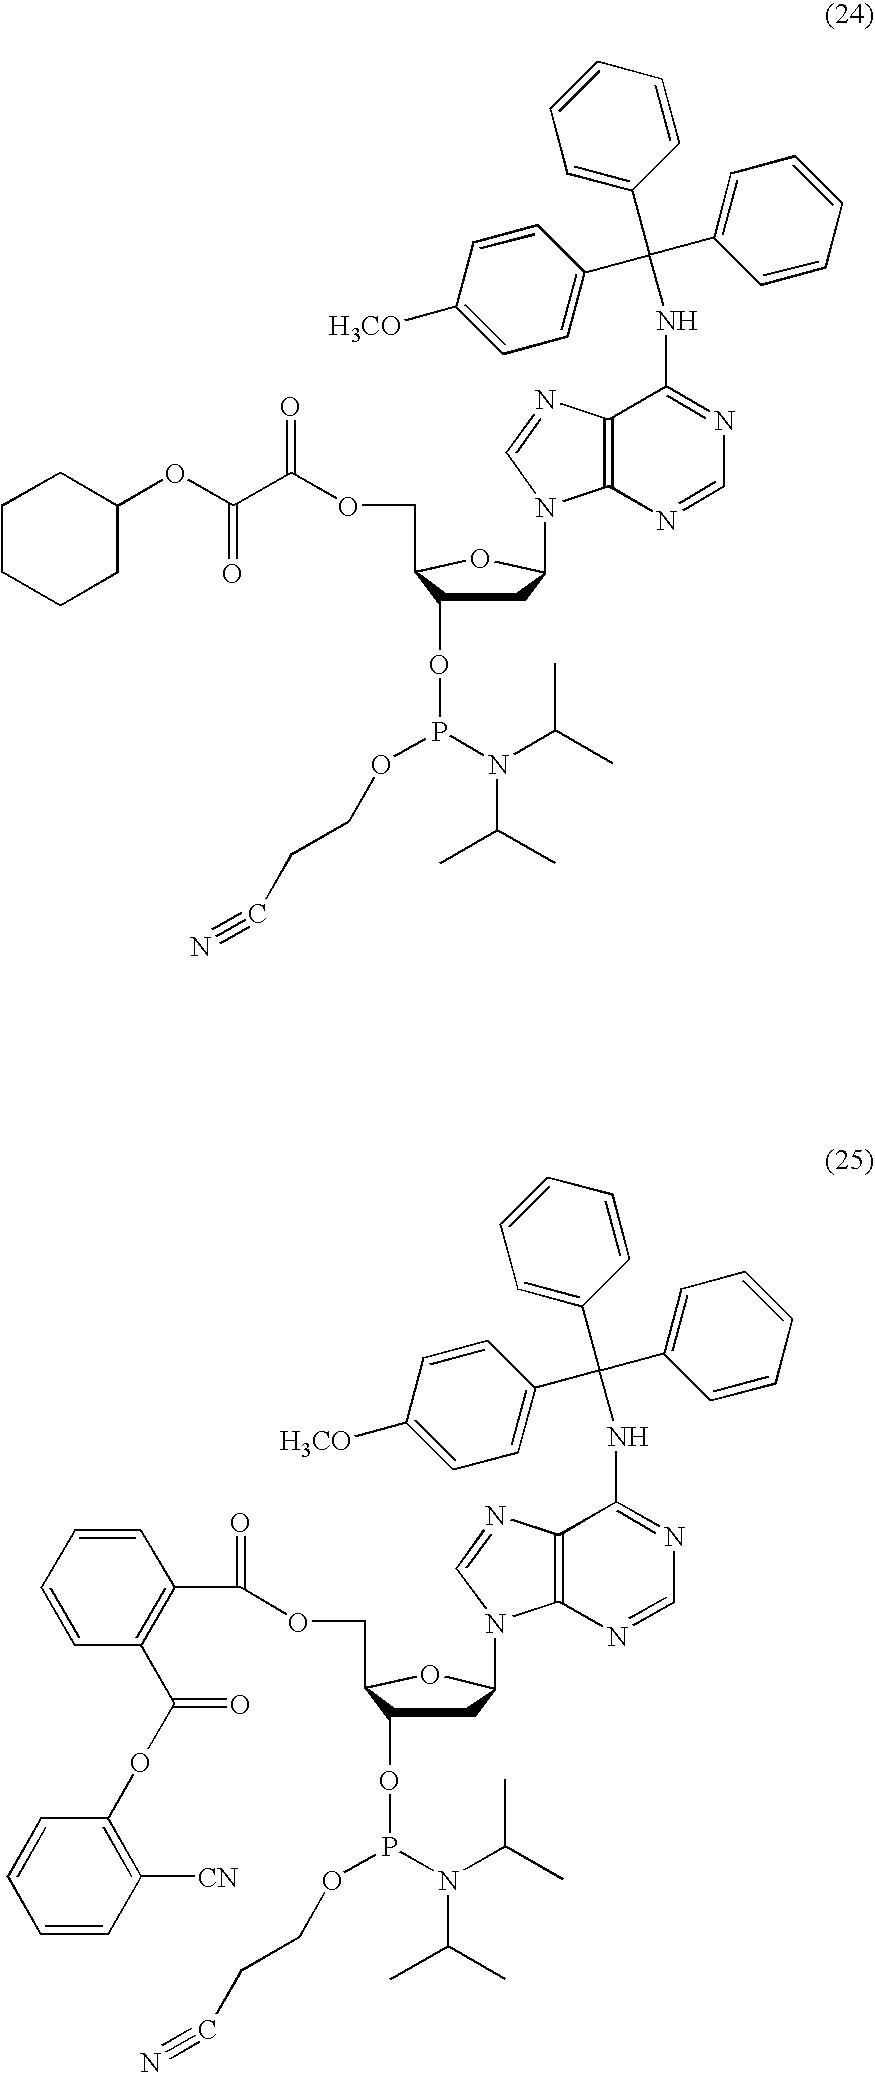 Figure US20080064867A1-20080313-C00014